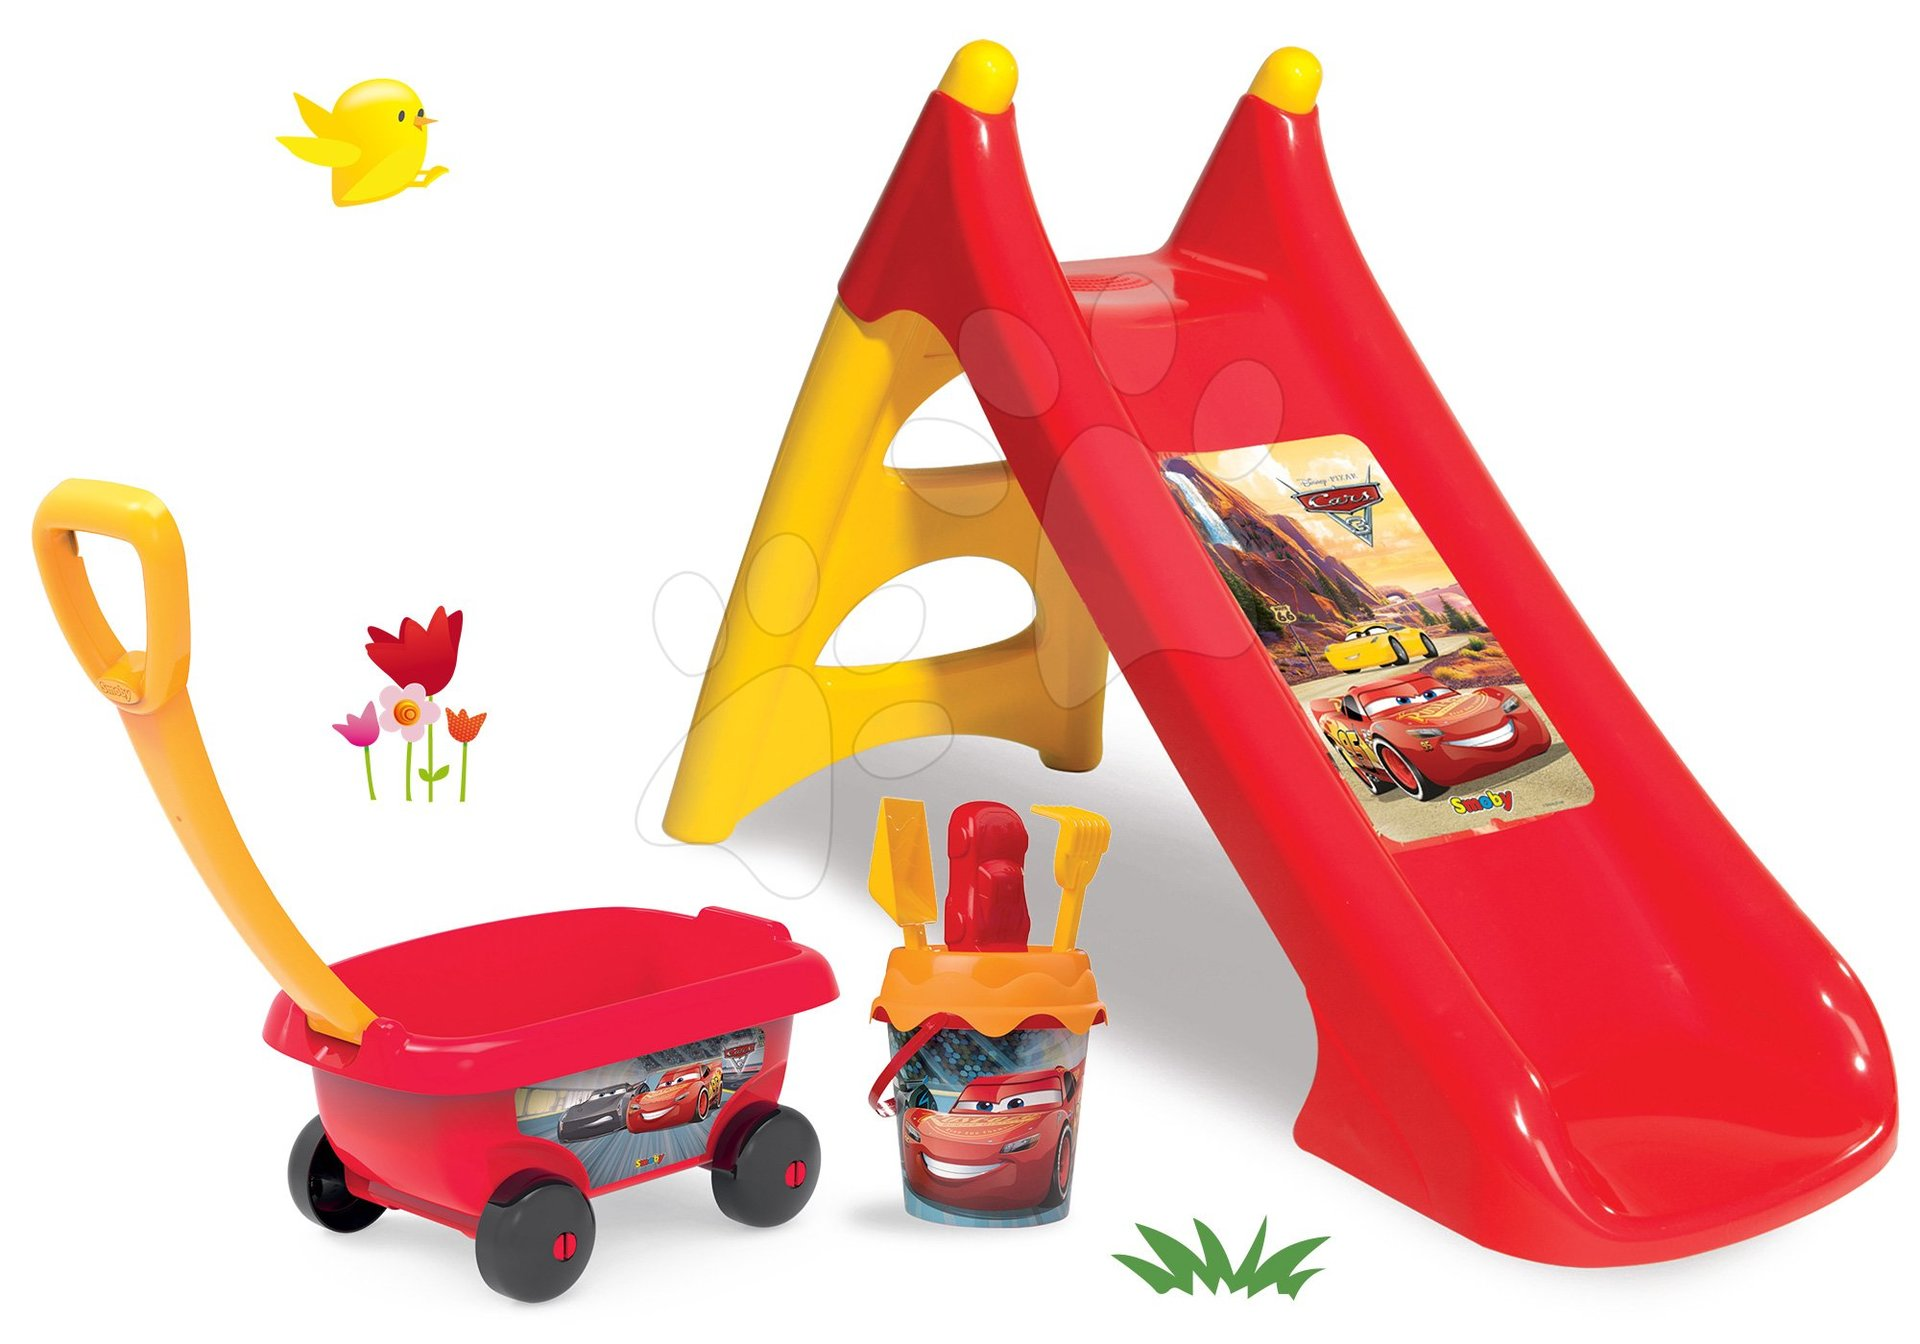 Set skluzavka Auta Toboggan XS Smoby délka 90 cm a vozík s kbelík setem Auta